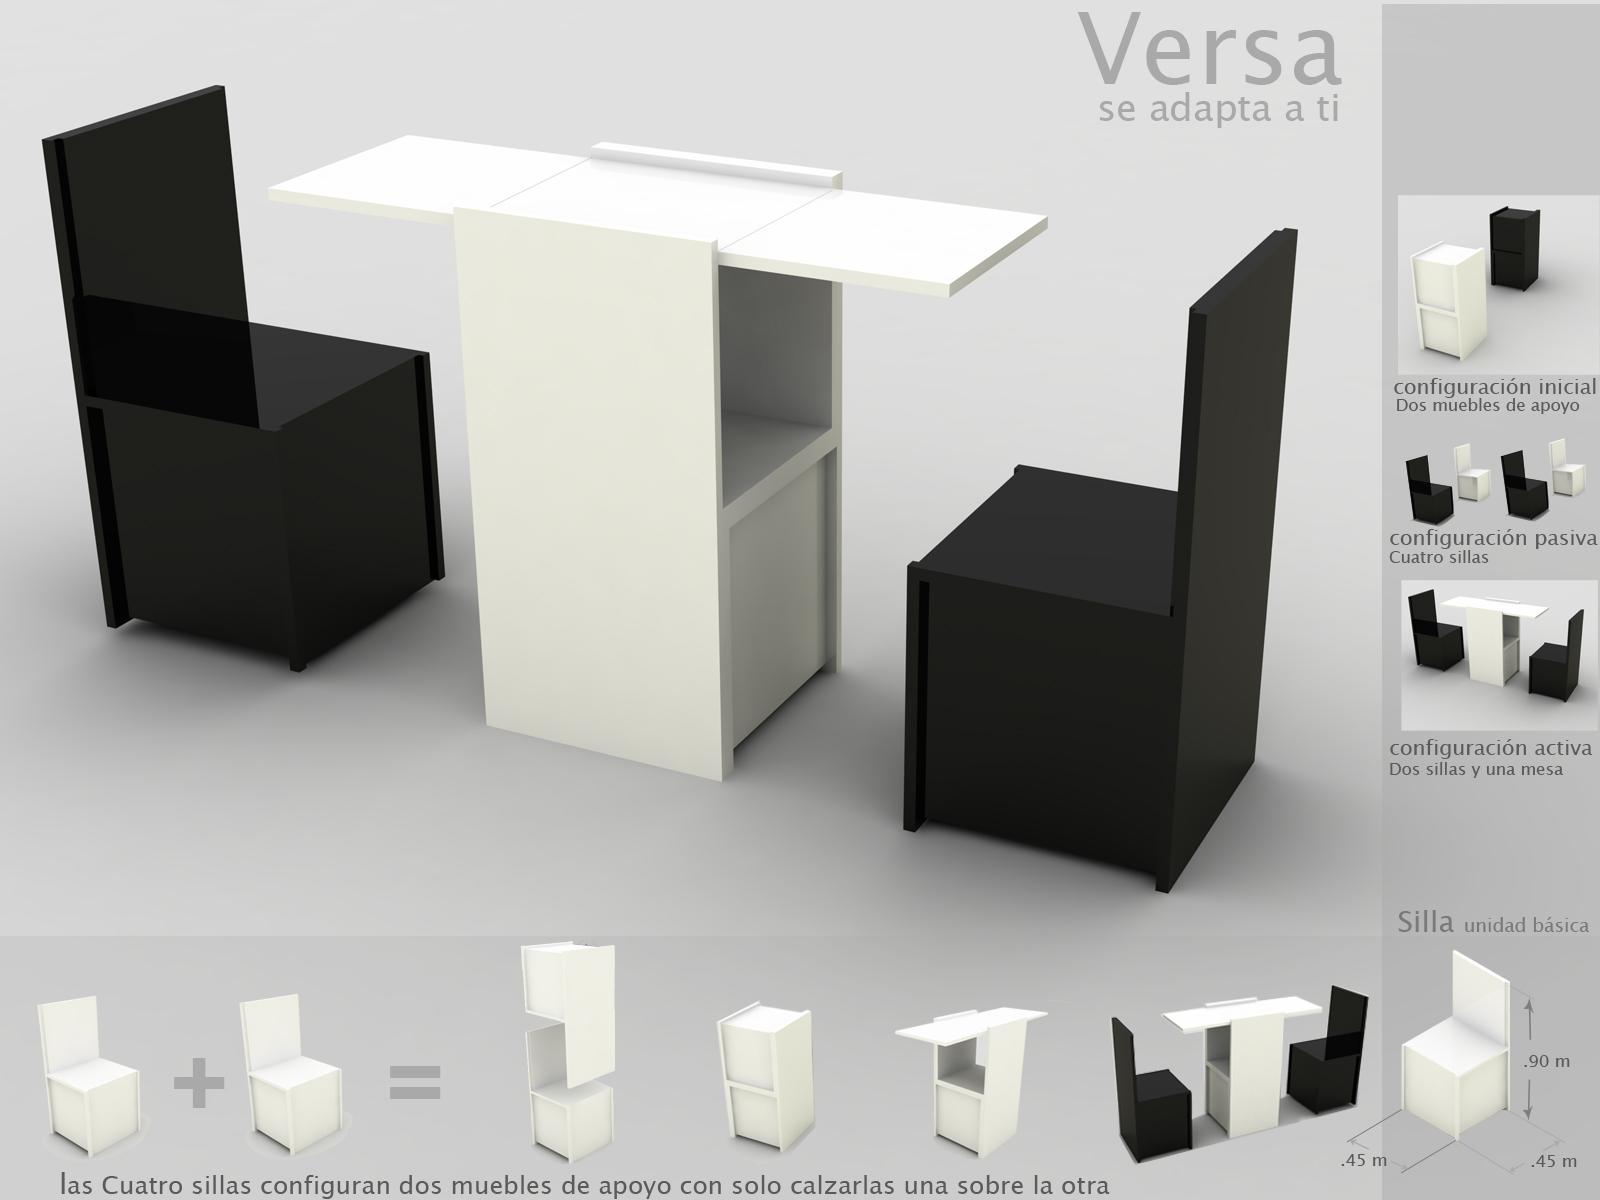 Ac arquitectura en colectivo 2009 concurso de dise o for Diseno industrial mobiliario